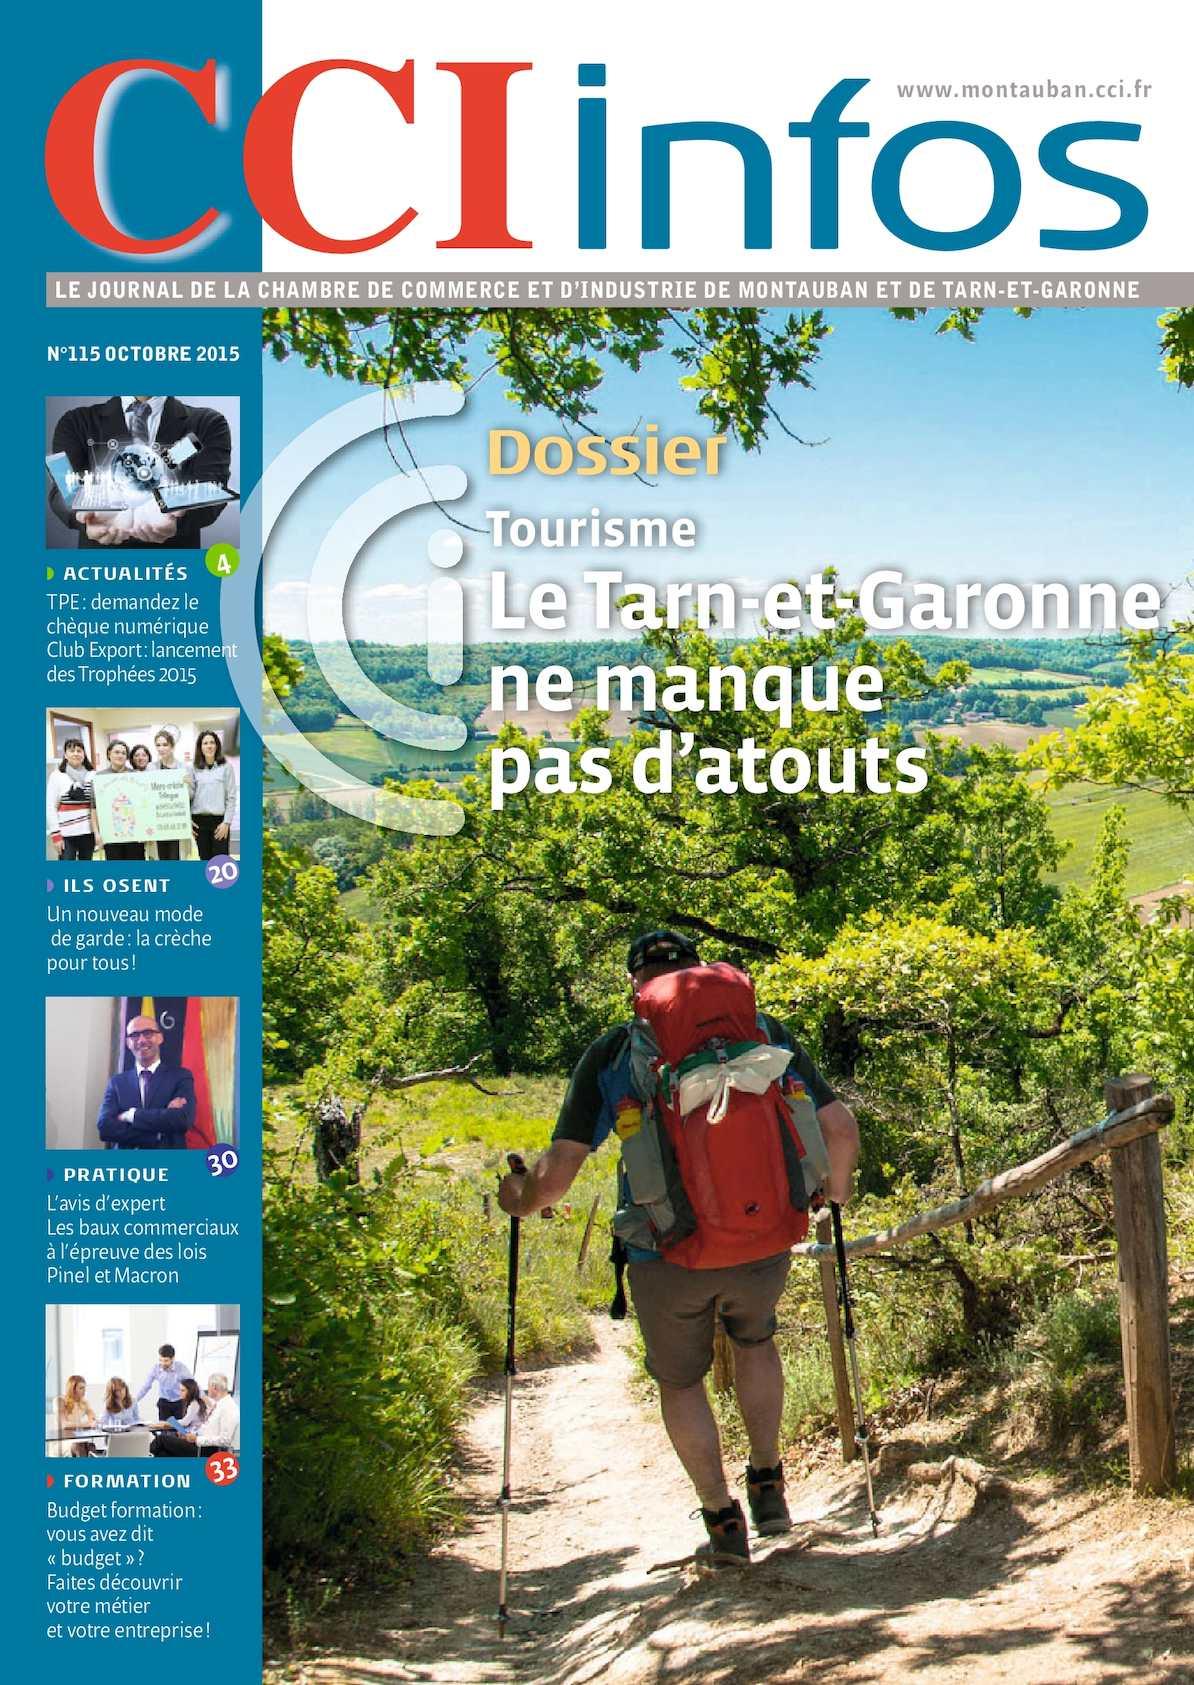 Calam o cci infos octobre 2015 for Chambre de commerce montauban